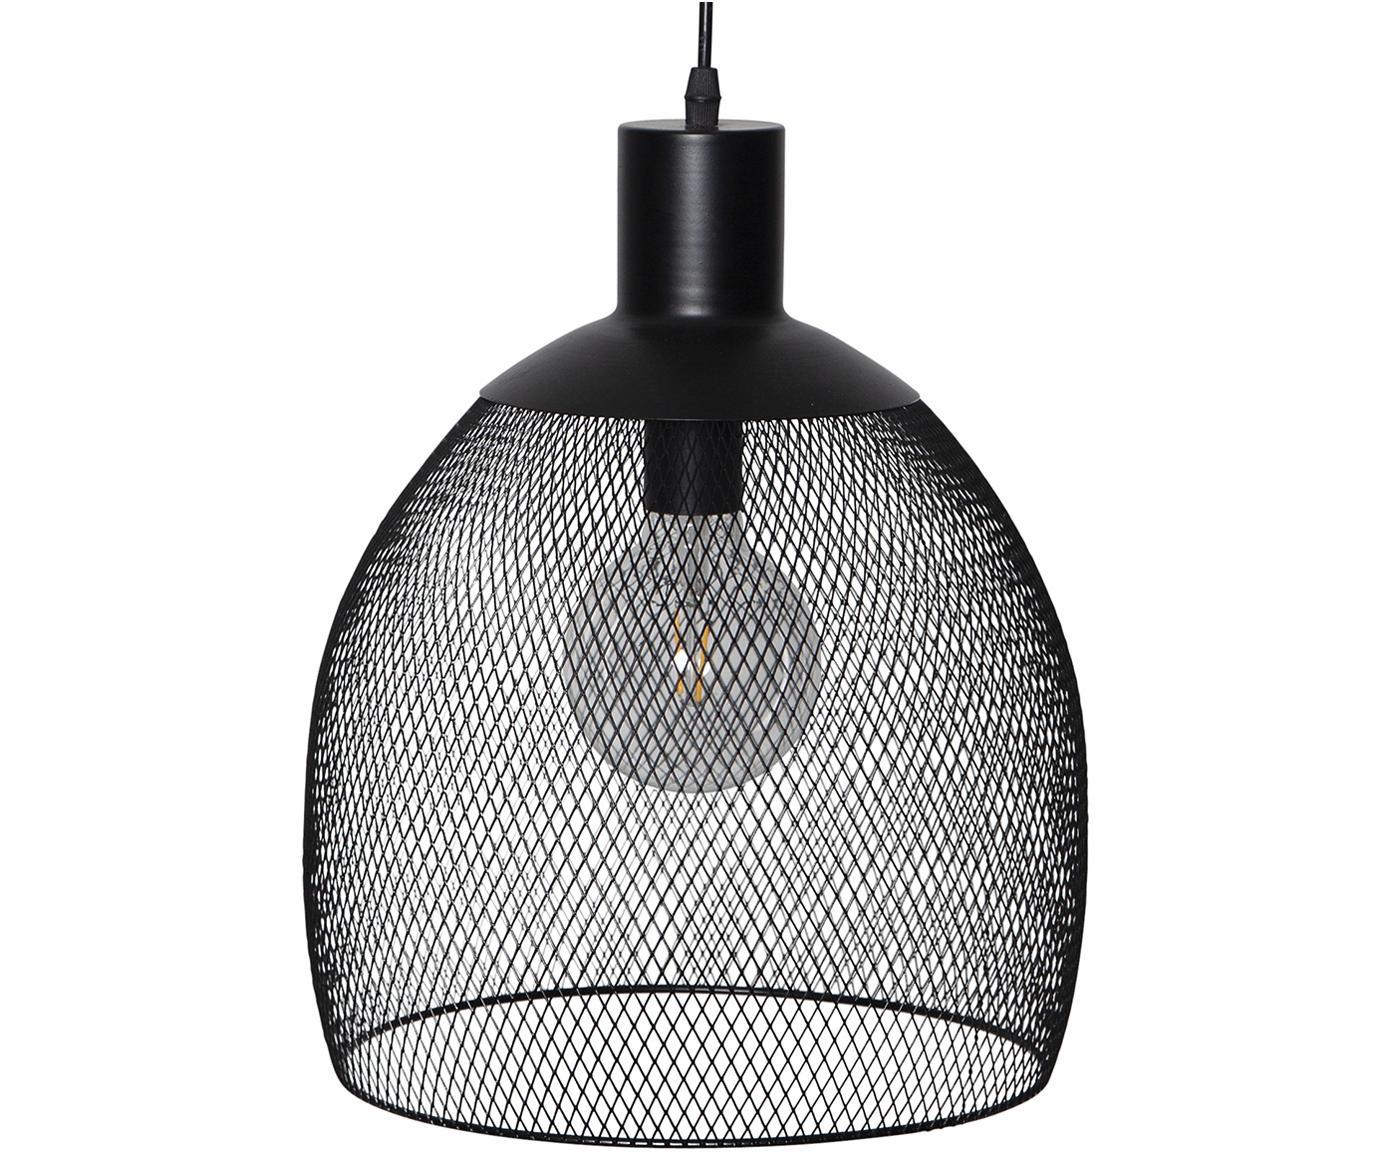 Lampada solare a LED da esterno Sunlight, Metallo, materiale sintetico, Nero, Ø 29 x Alt. 35 cm